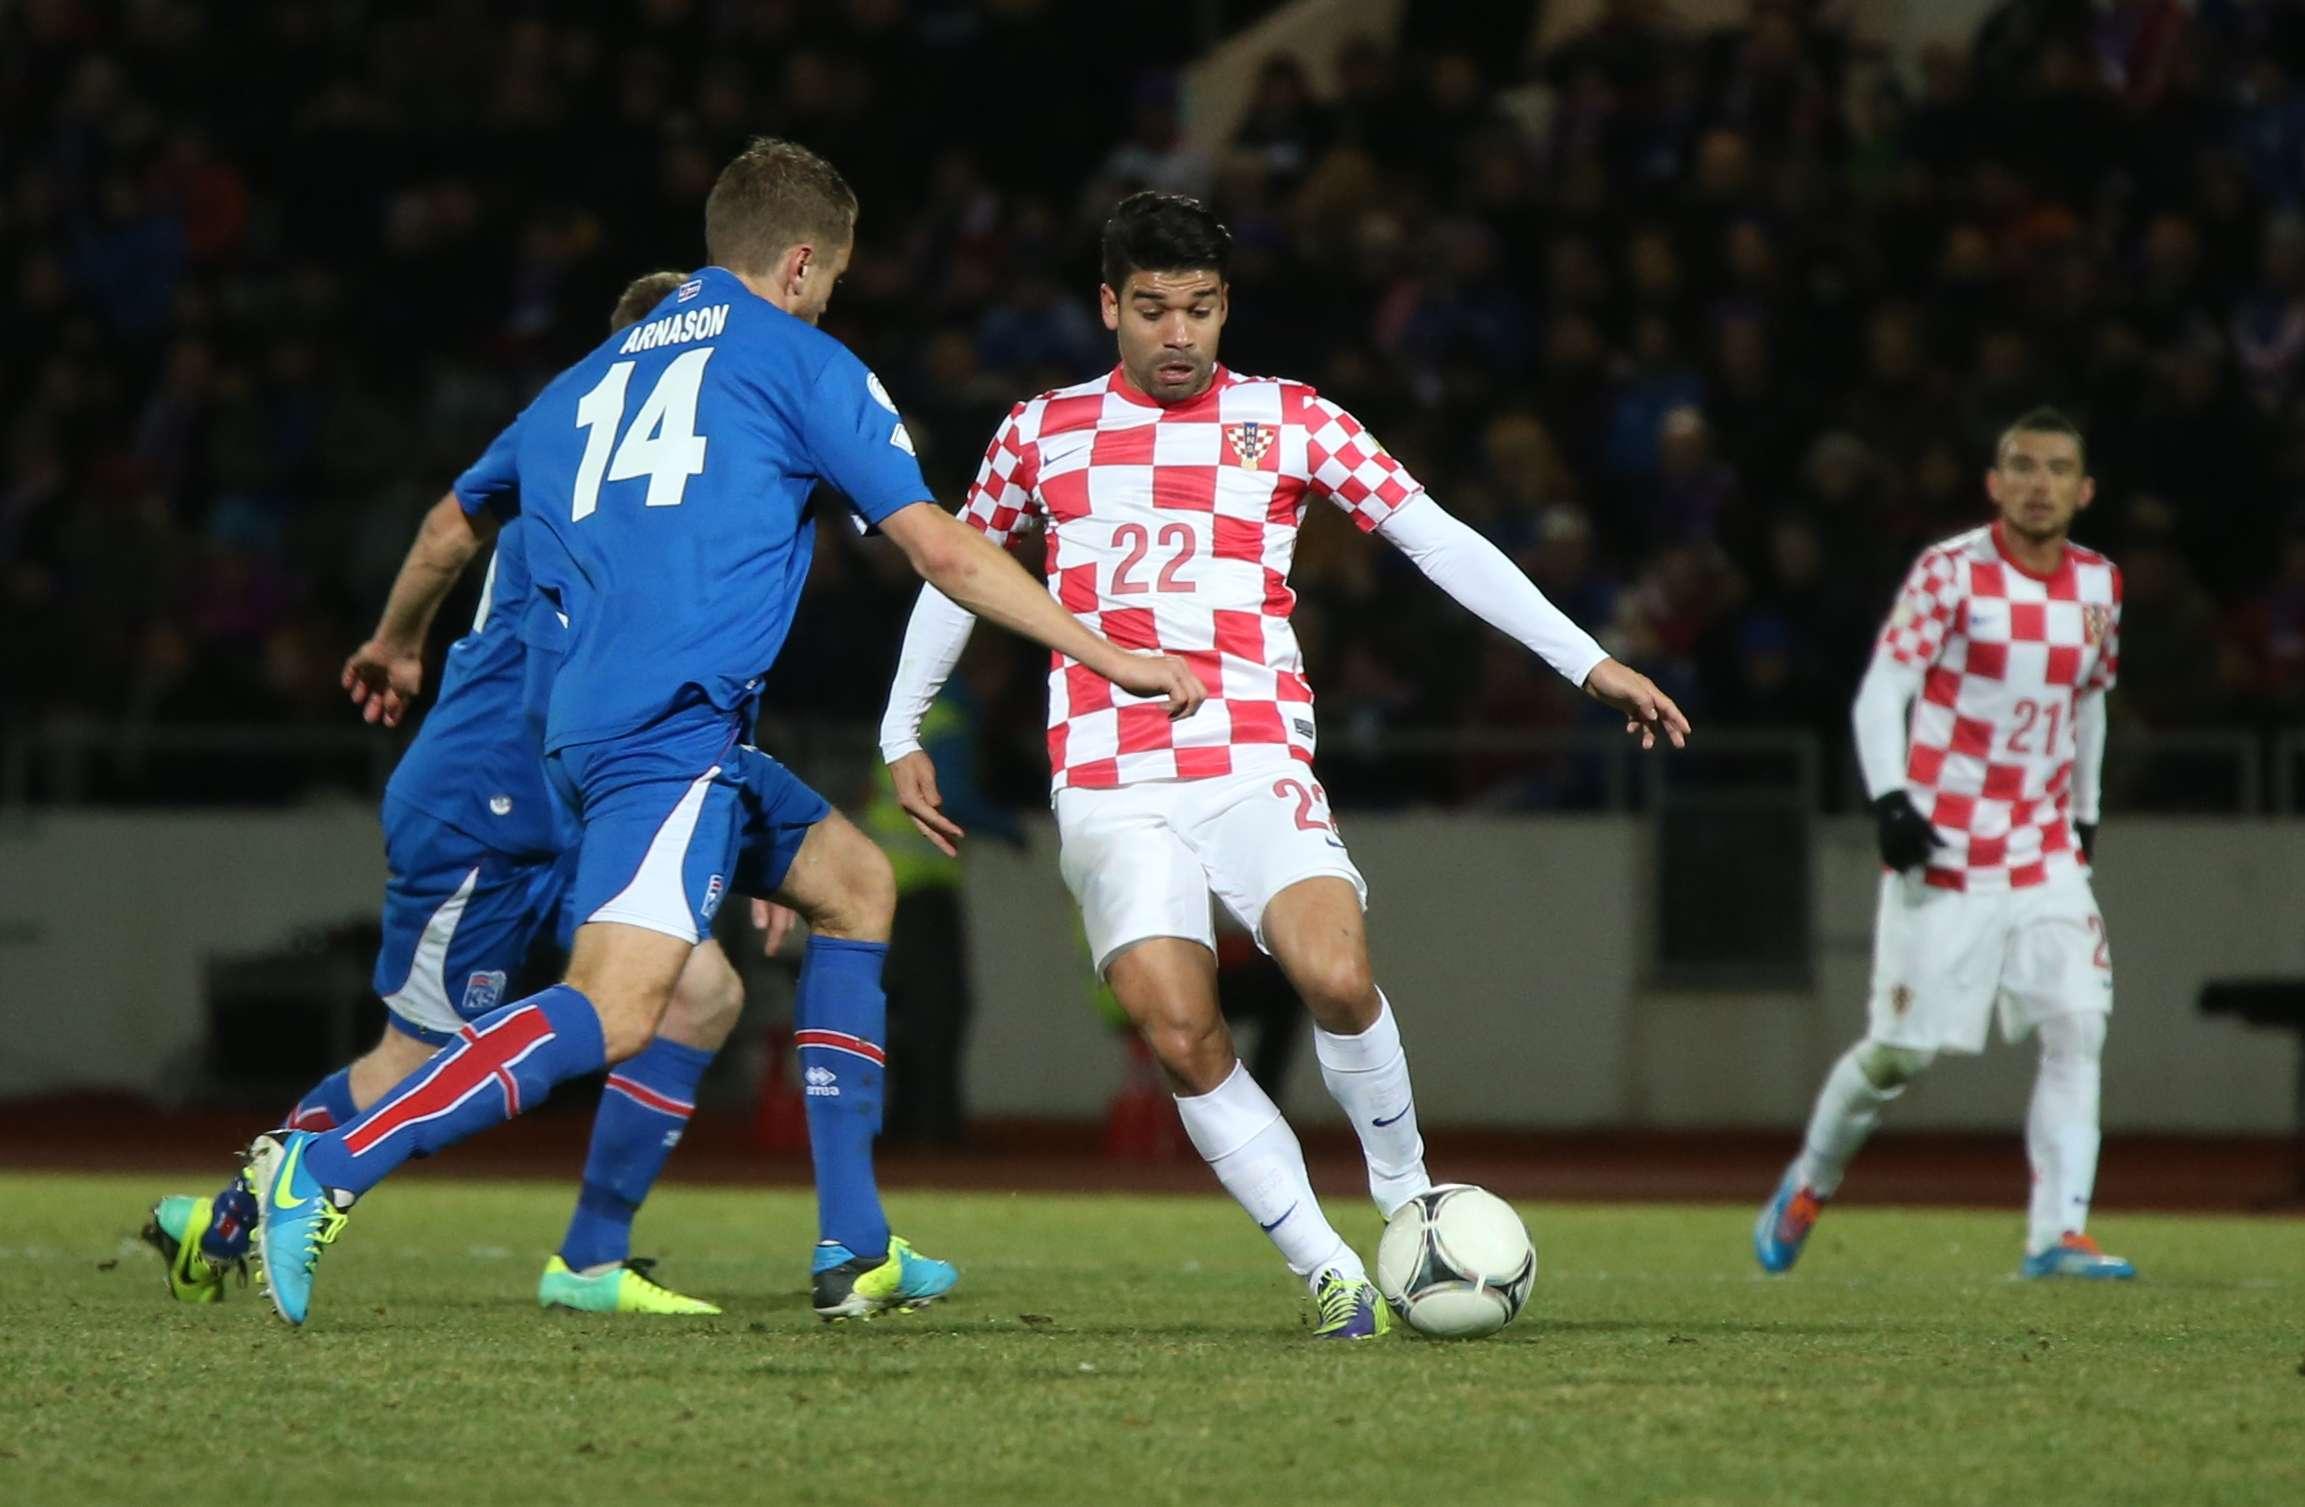 Com um a menos, Islândia empata com Croácia e mantém ...